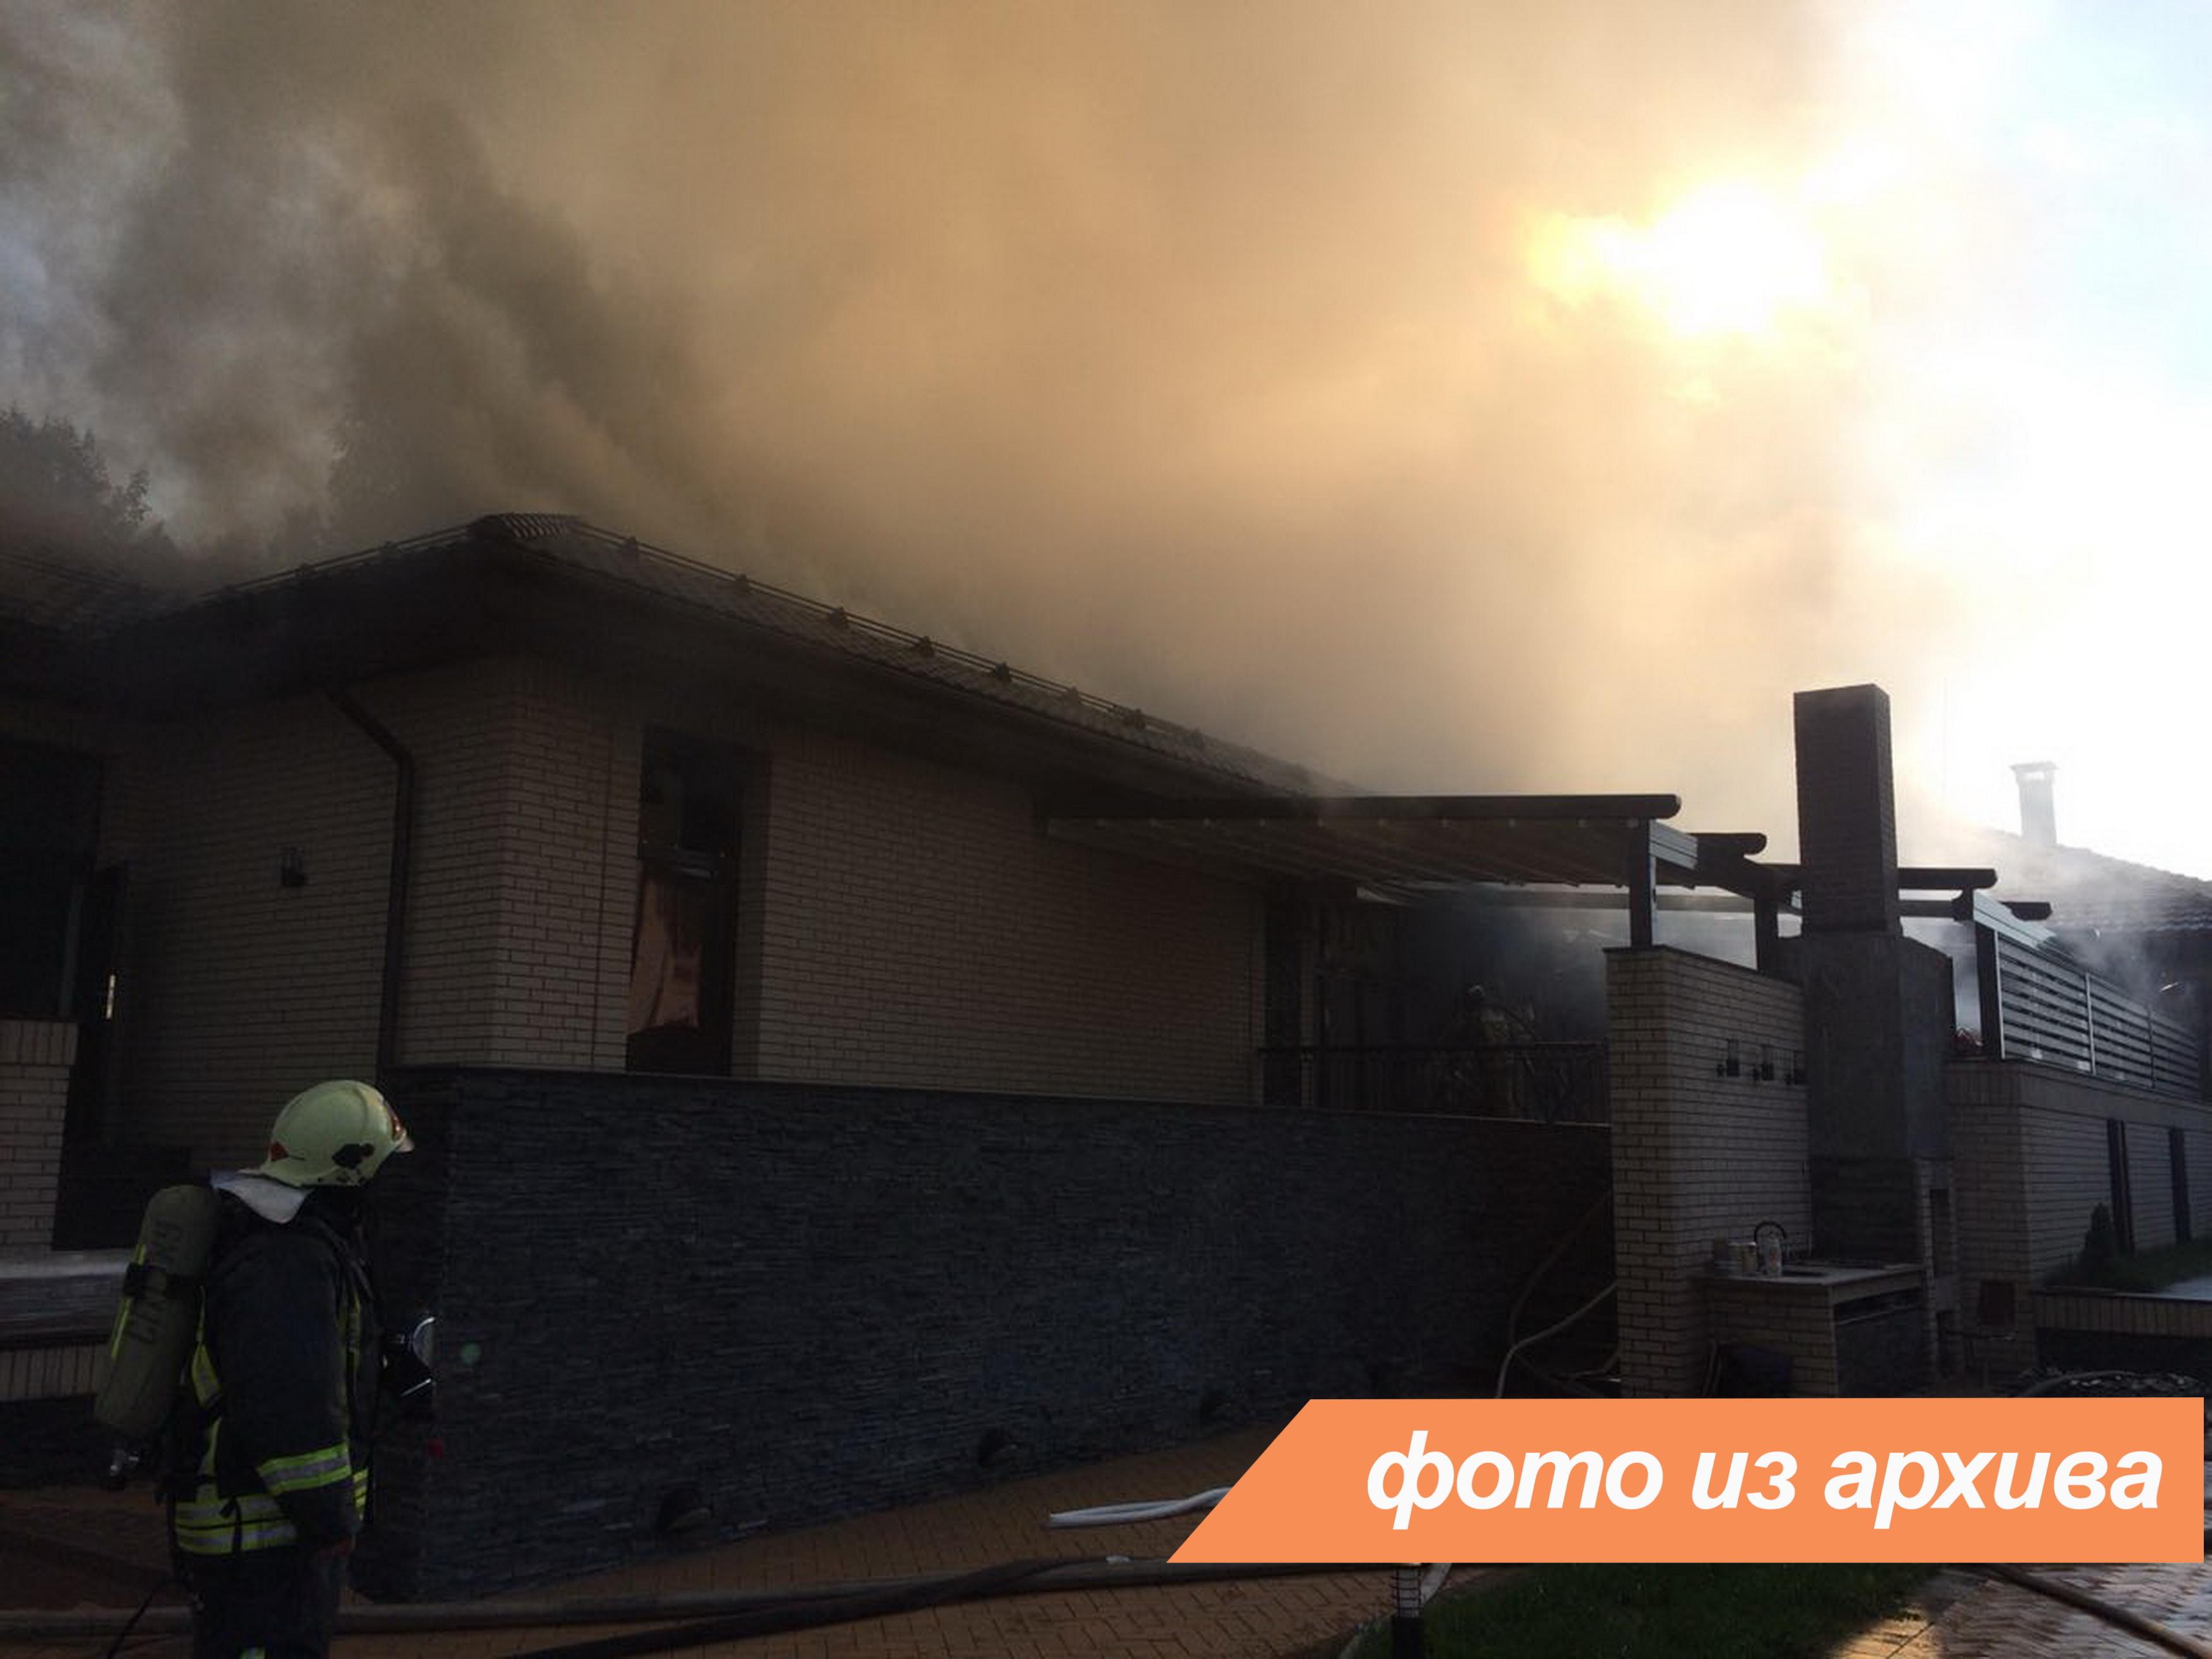 Пожарно-спасательные подразделения Ленинградской области ликвидировали пожар в городе Гатчина